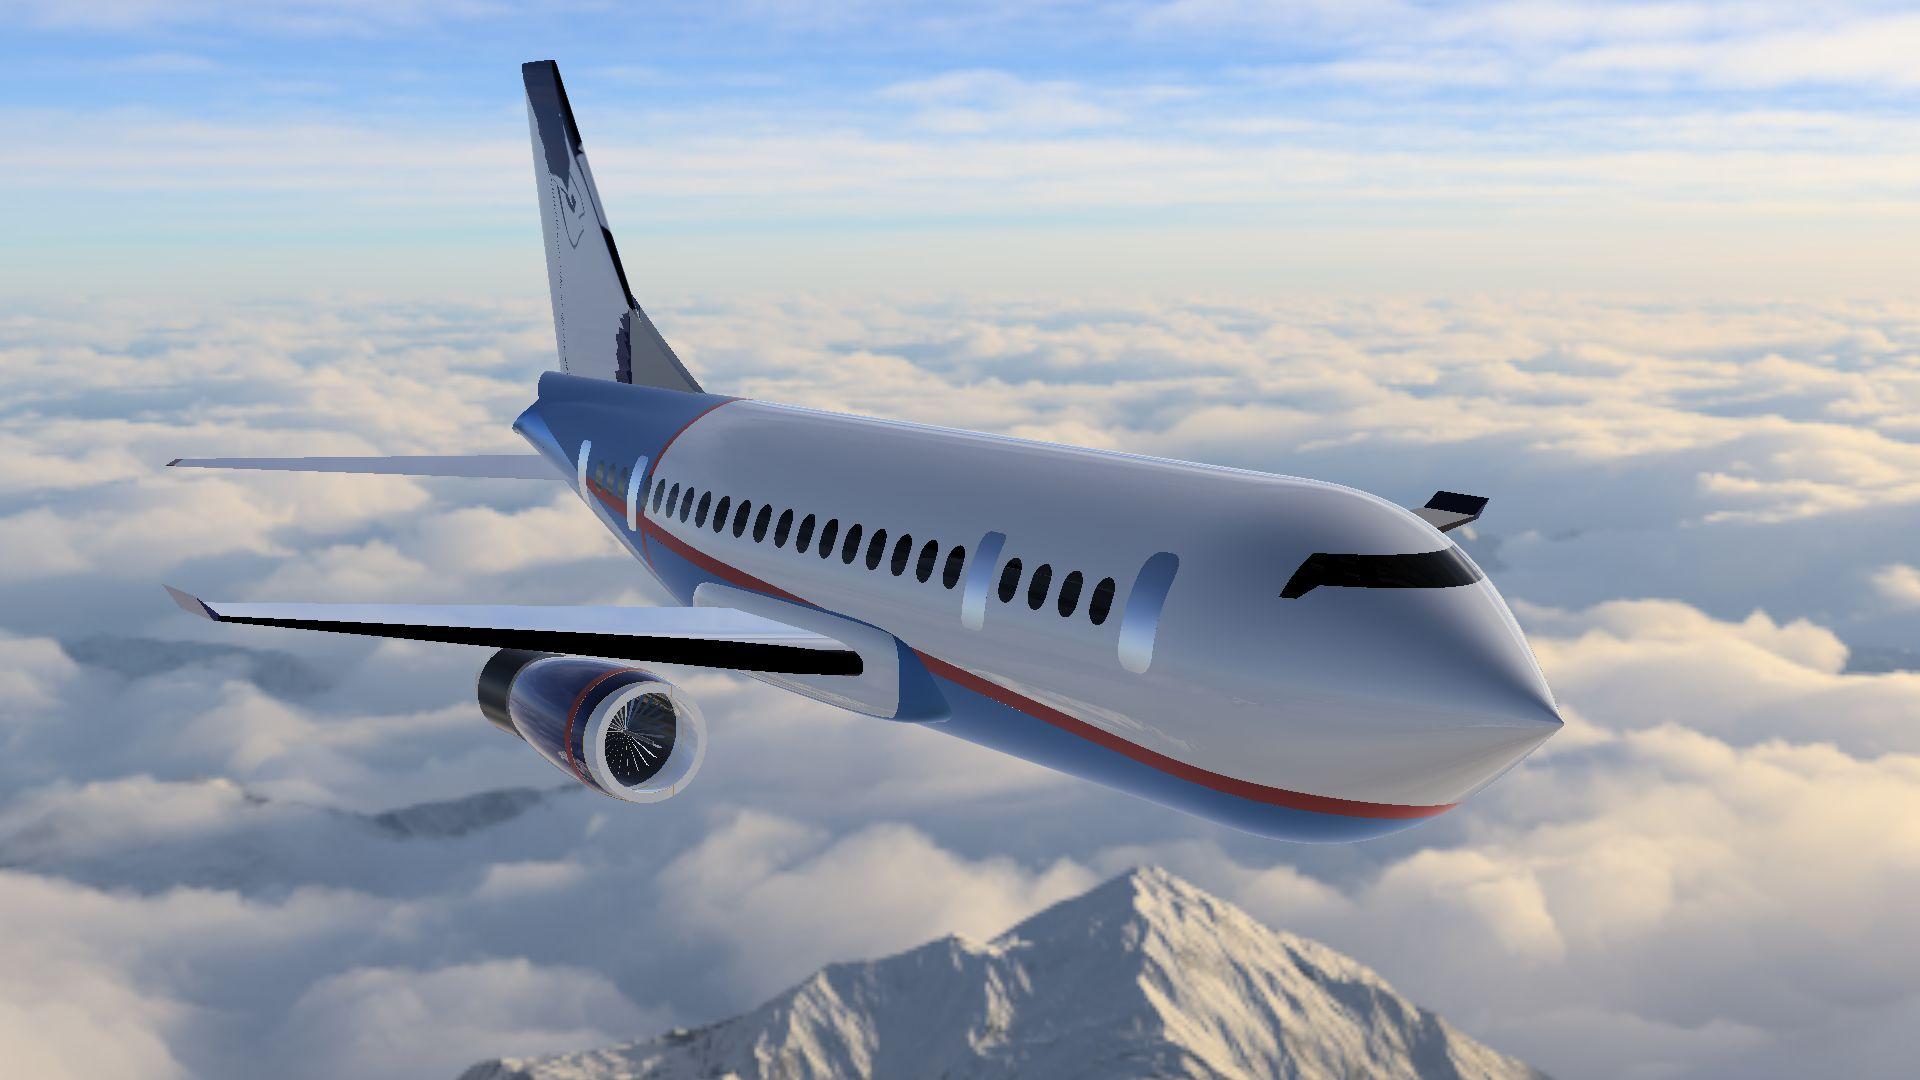 Go-air-7-3500-3500